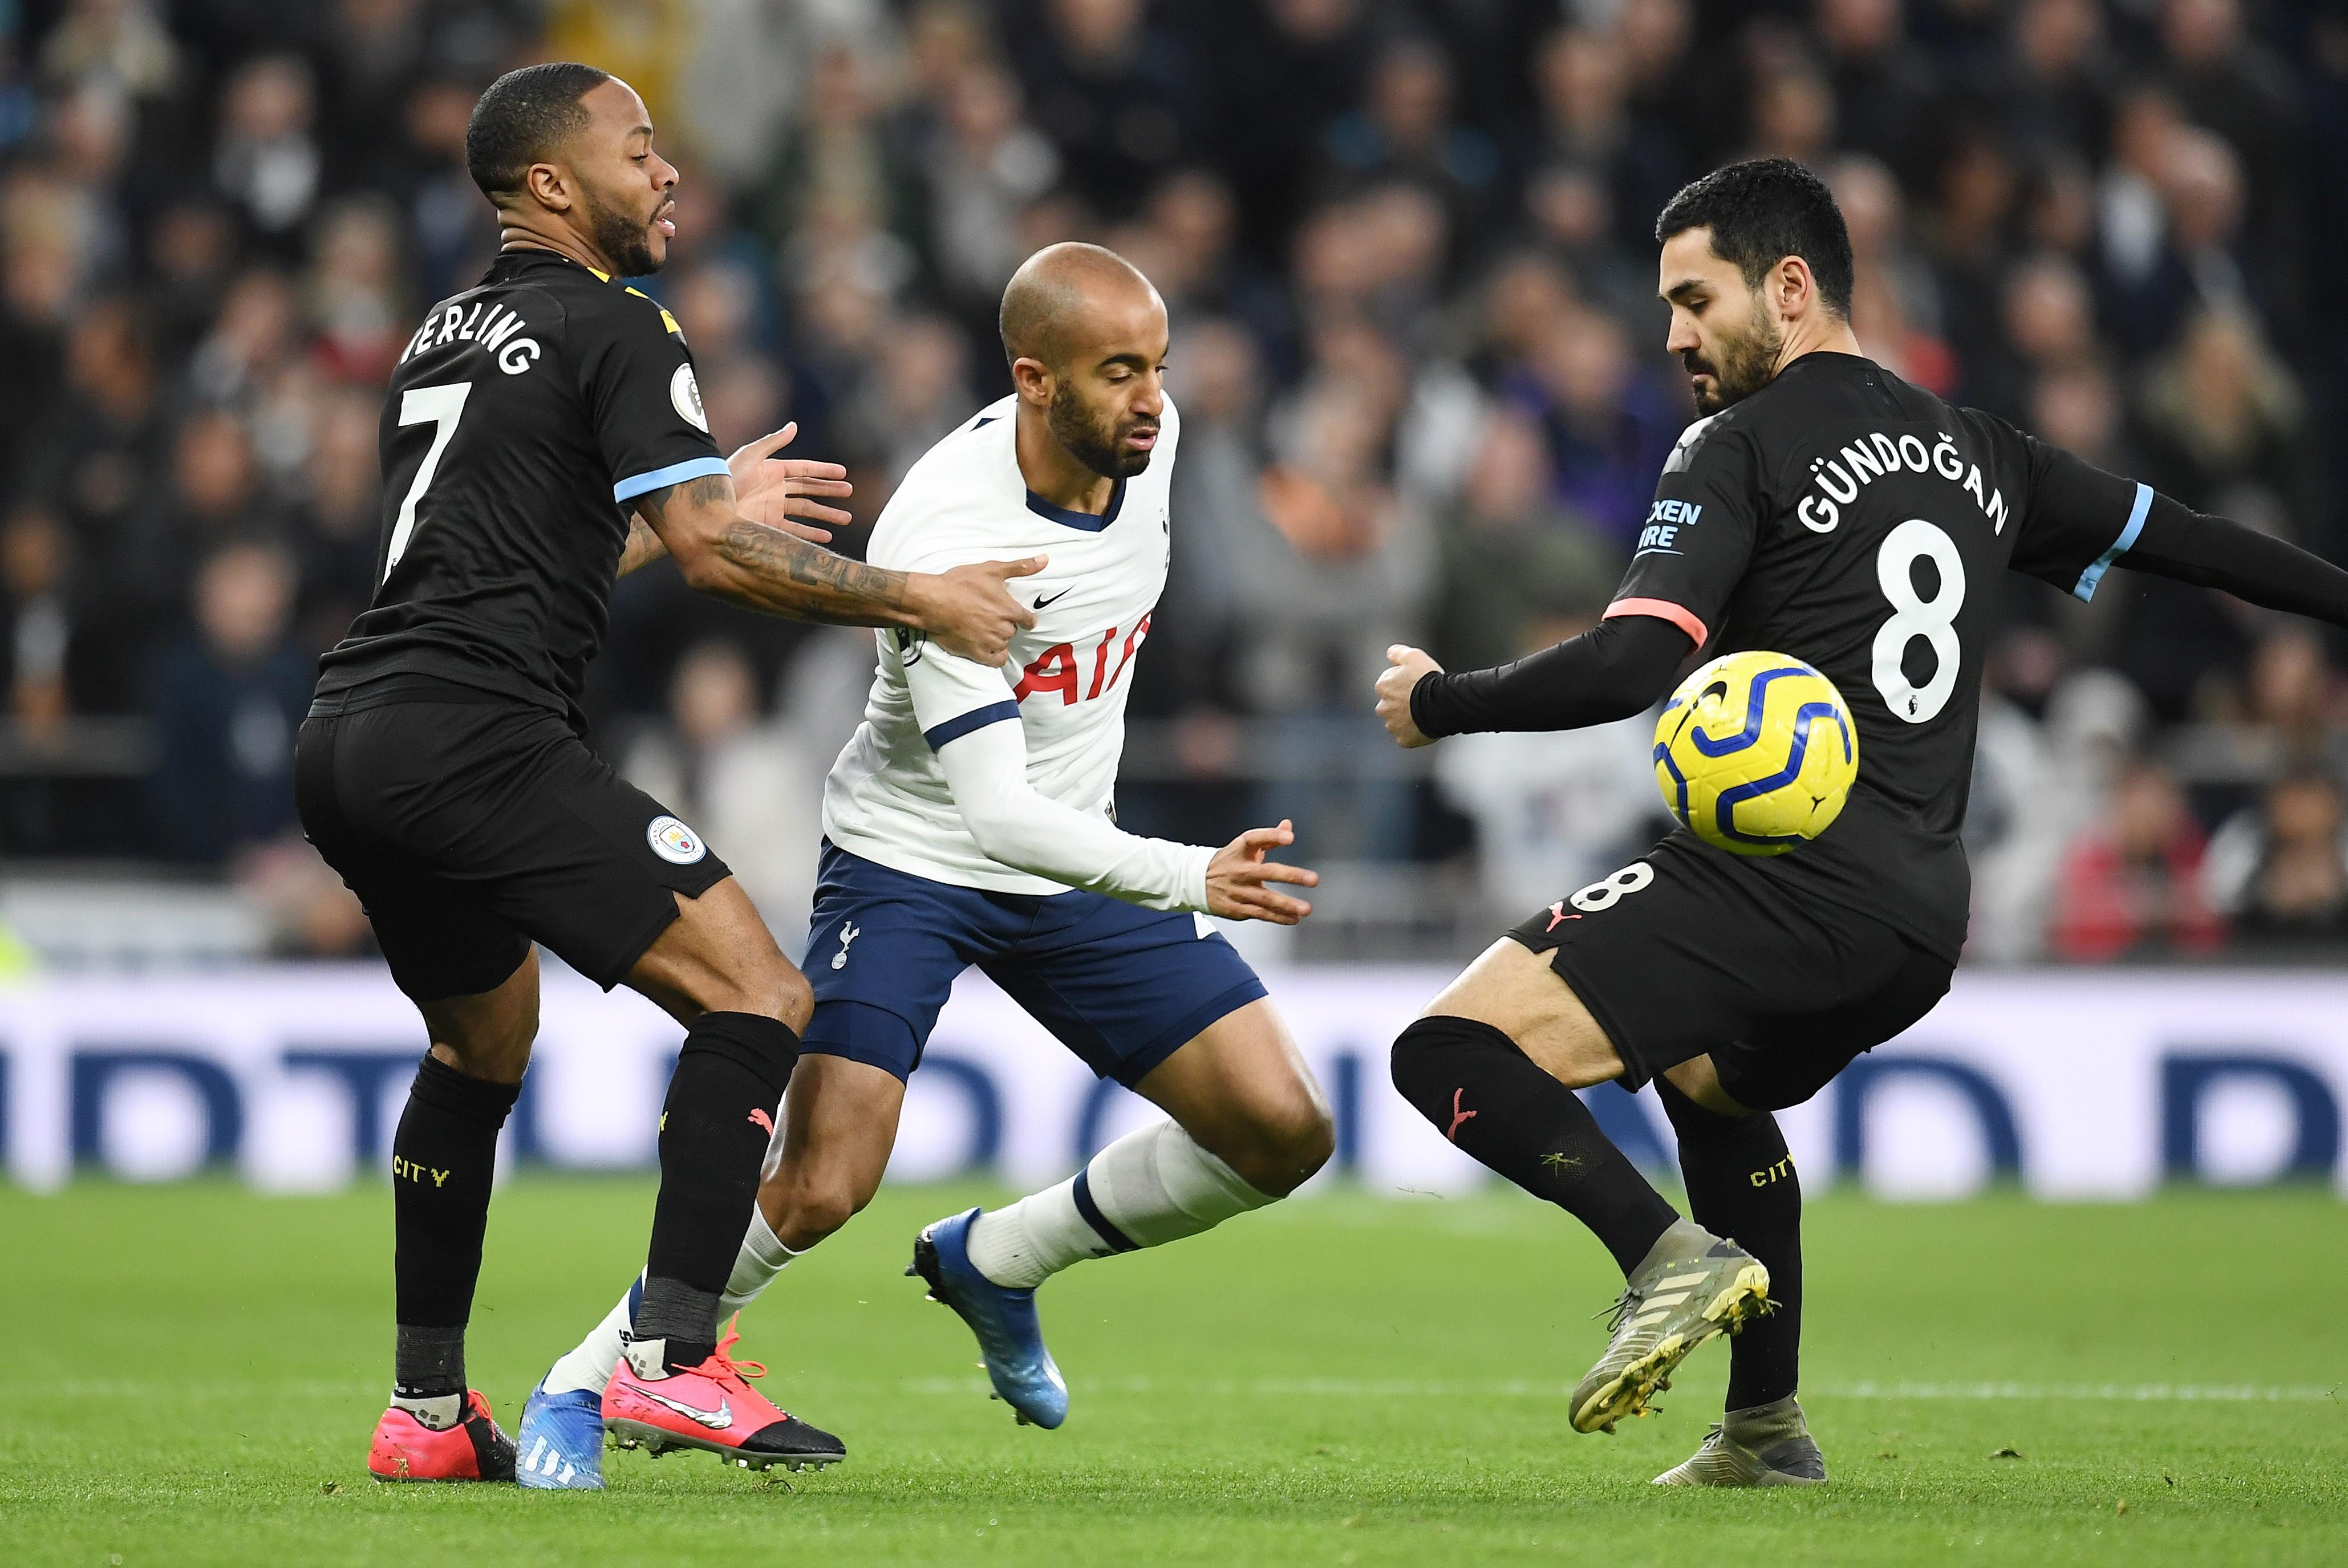 """Premier League: Tottenham - Manchester City. Mistrz Anglii poległ w hicie, """"Koguty"""" gonią pierwszą czwórkę - Sport WP SportoweFakty"""